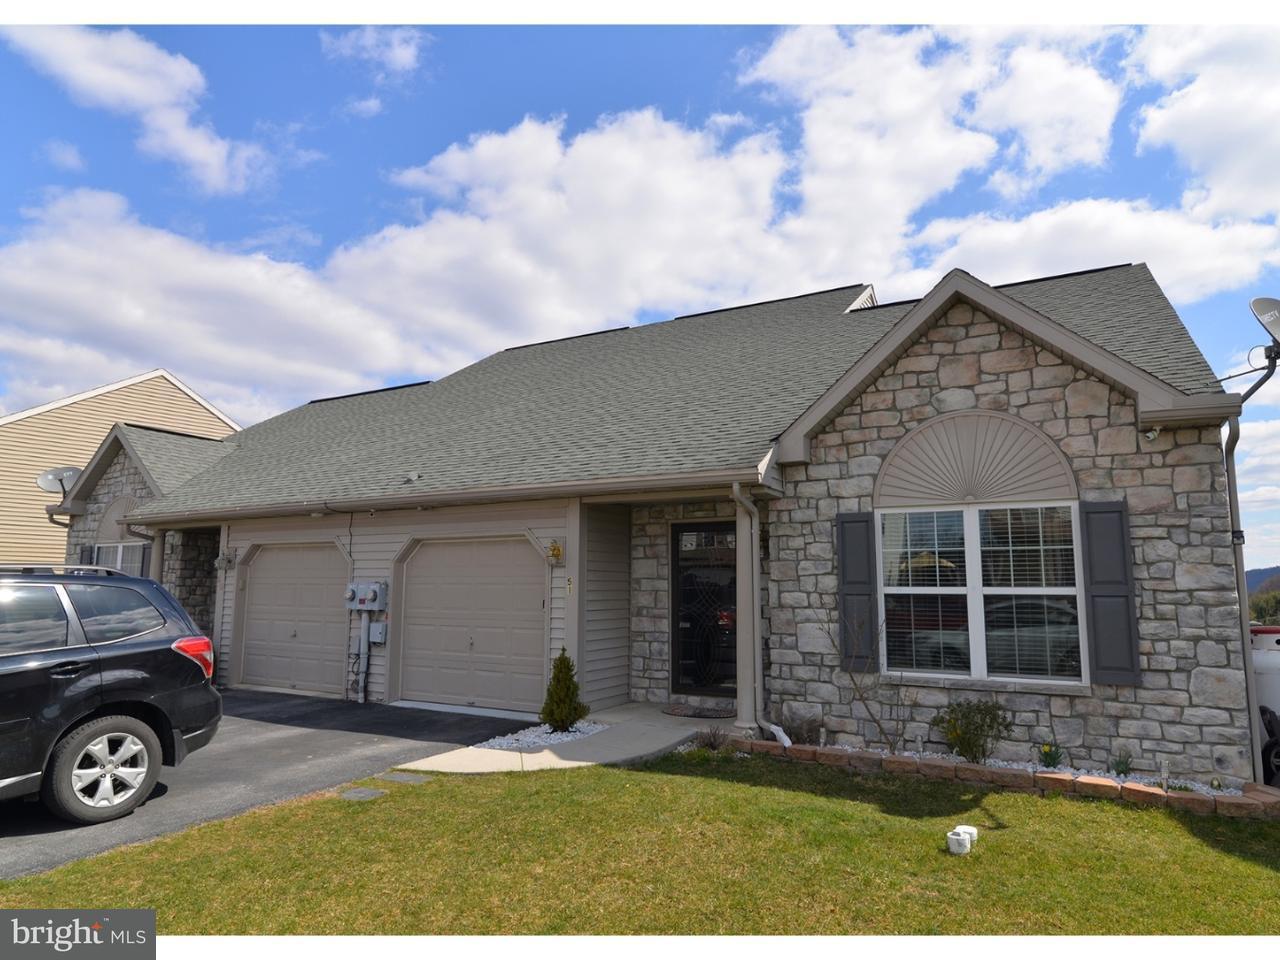 独户住宅 为 销售 在 51 MARSHA Drive Cressona, 宾夕法尼亚州 17929 美国